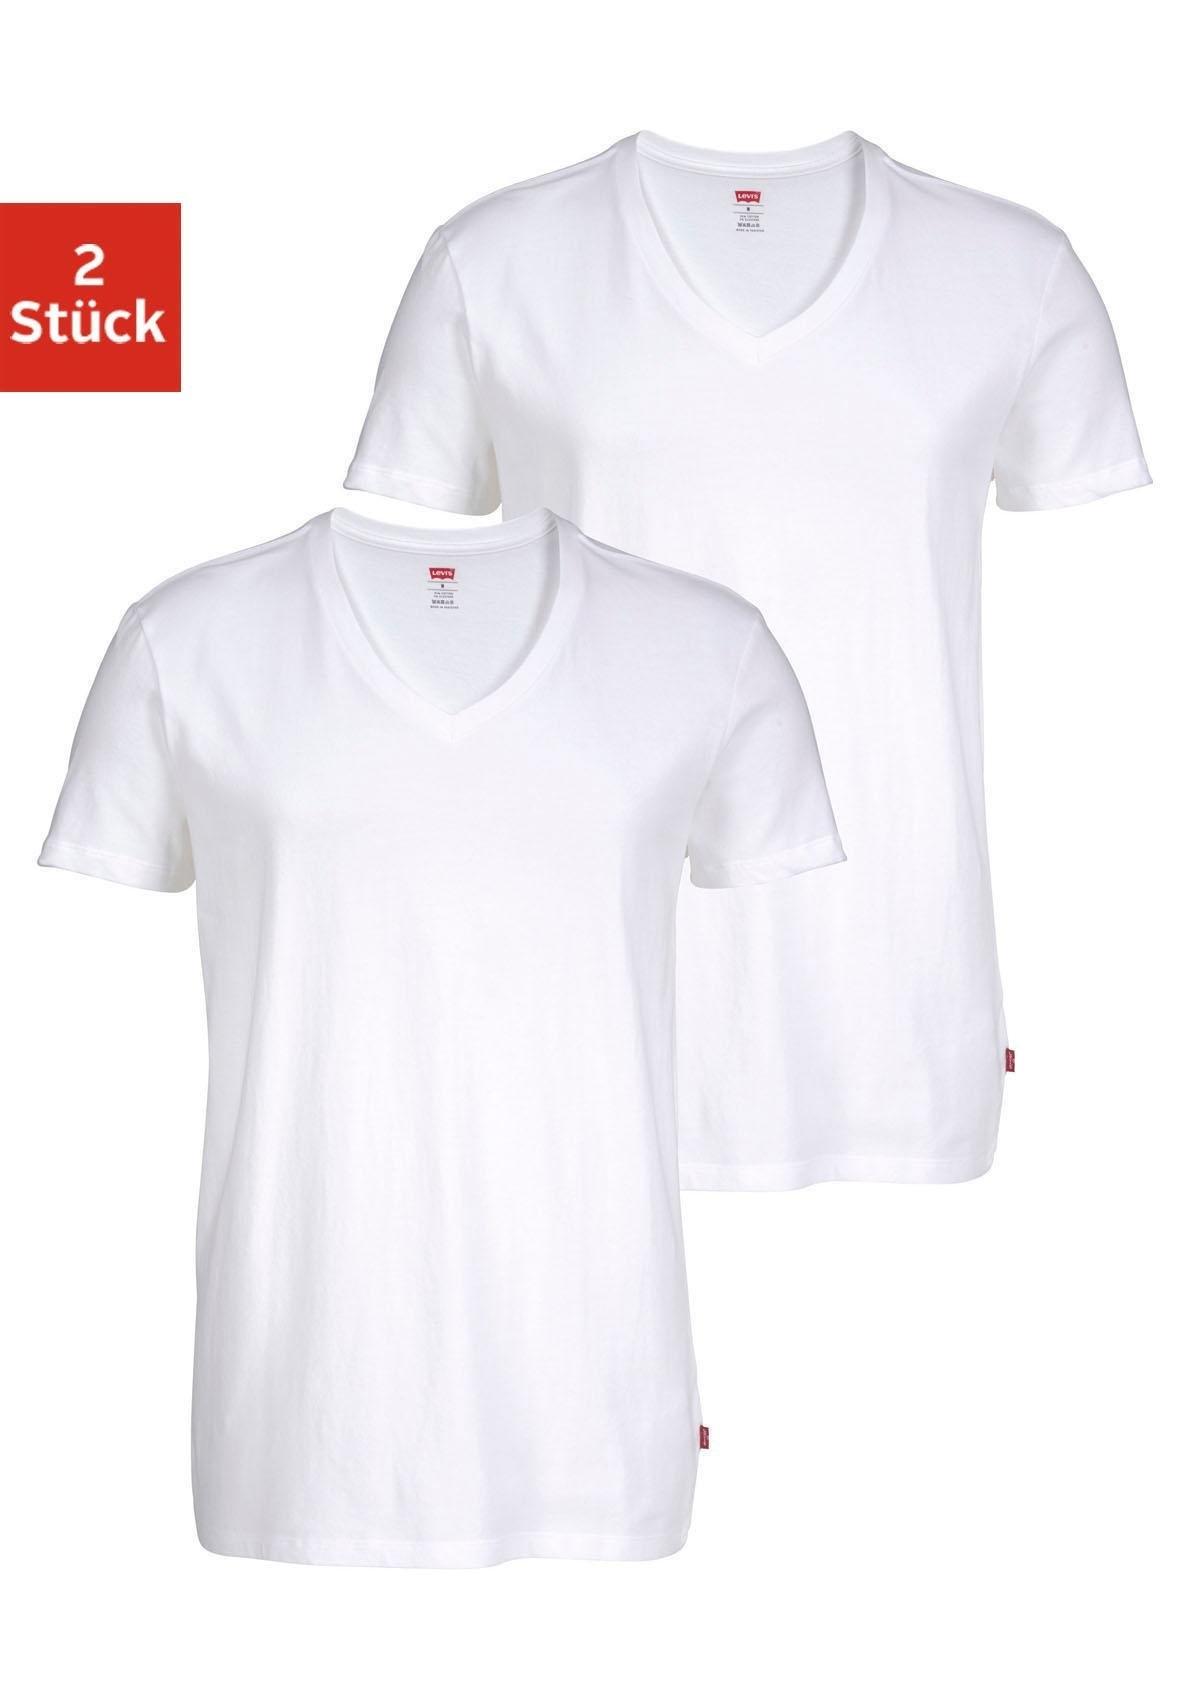 LEVI'S ® heren-T-shirt met V-hals (set van 2) - gratis ruilen op otto.nl